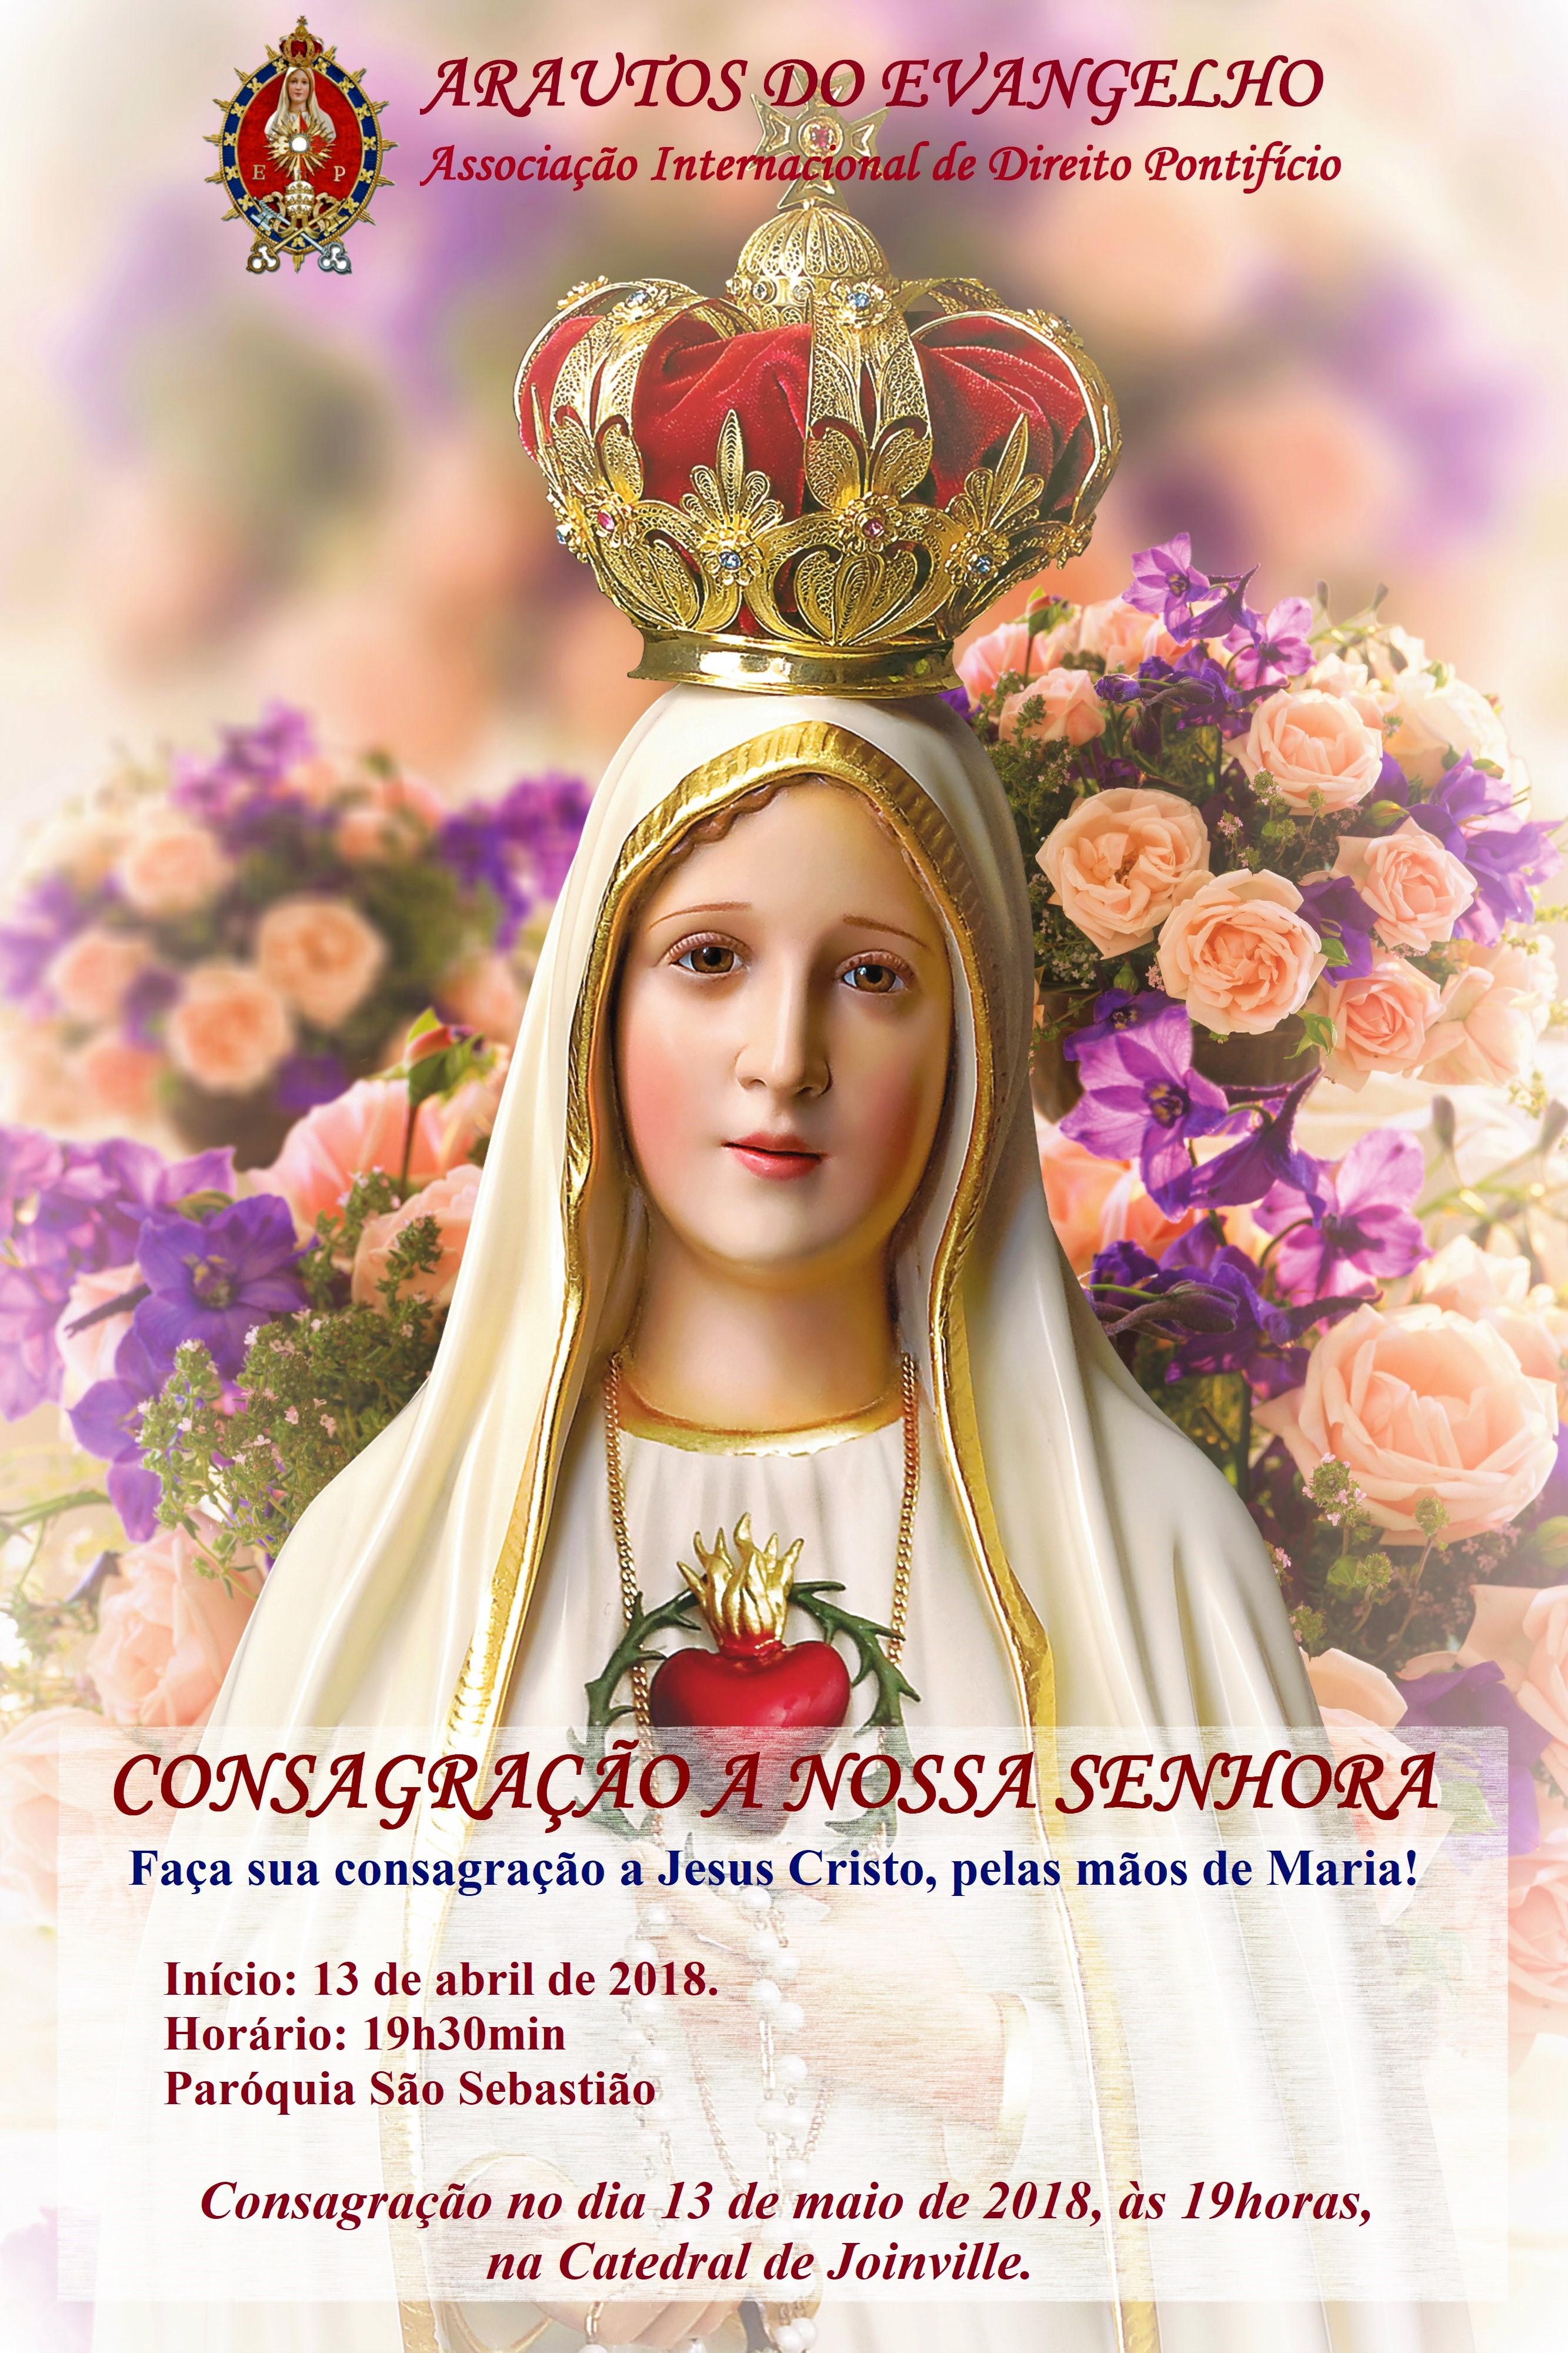 Confira onde ocorrem os cursos de Consagração a Jesus Cristo, pelas mãos de Maria